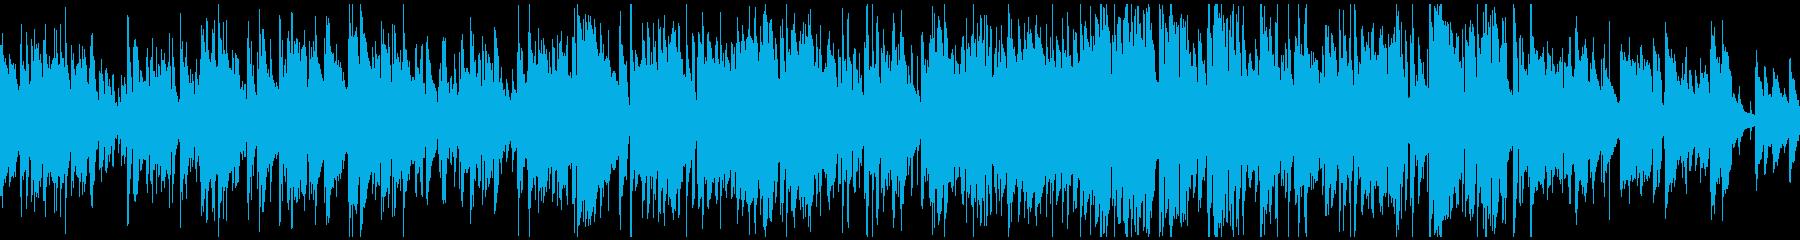 軽快アコースティックジャズ ※ループ版の再生済みの波形